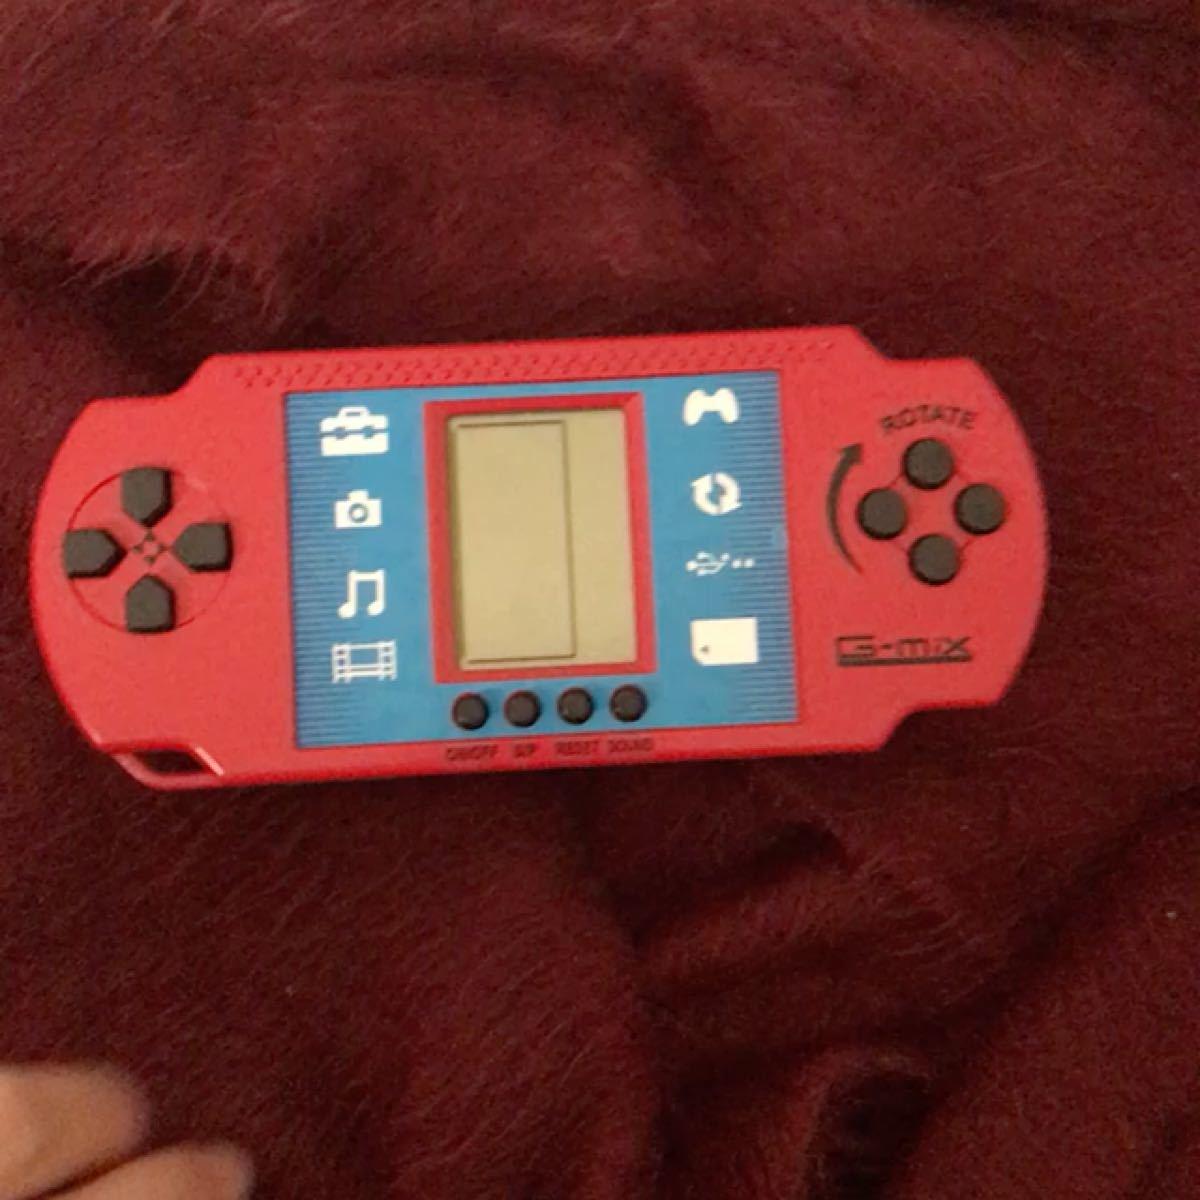 ゲーム機 G-mix 携帯用ゲーム